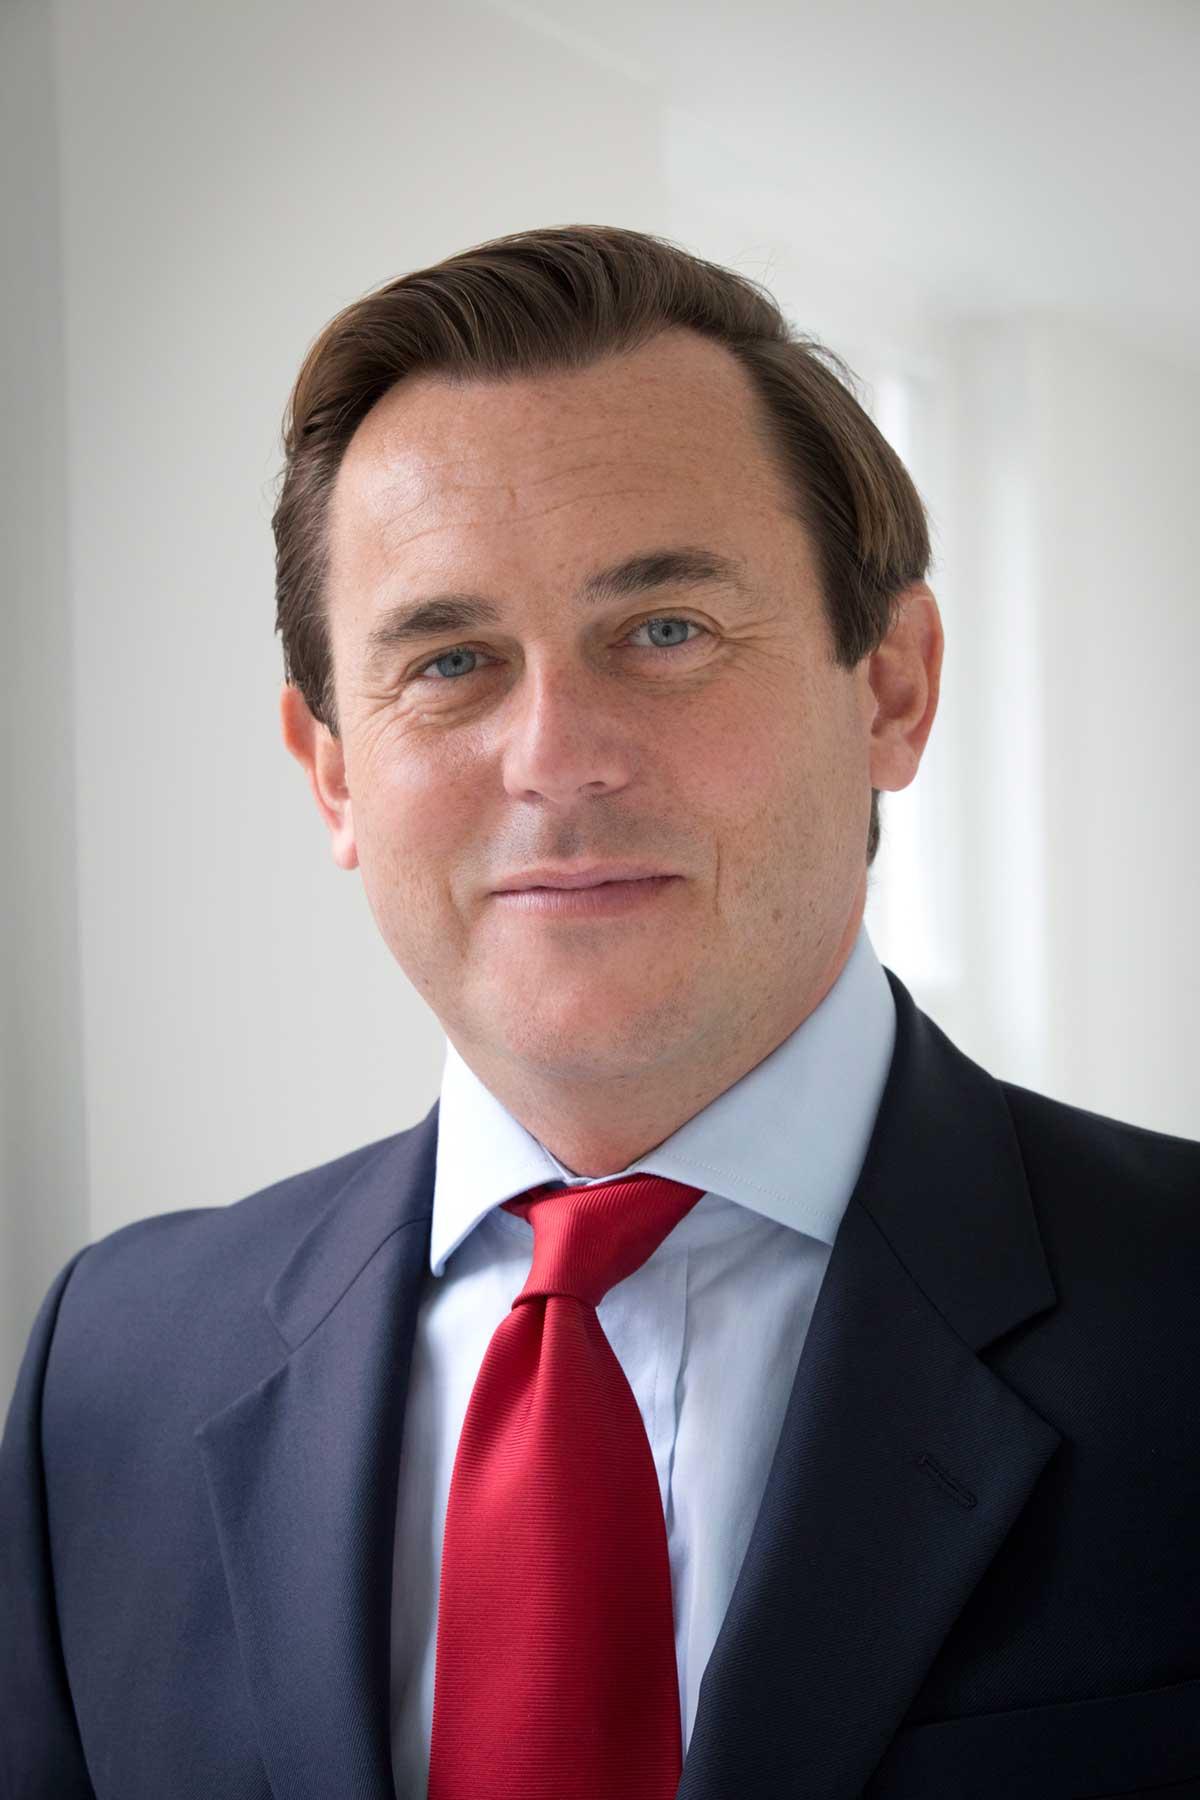 James Innes, Chrystal Capital Partner